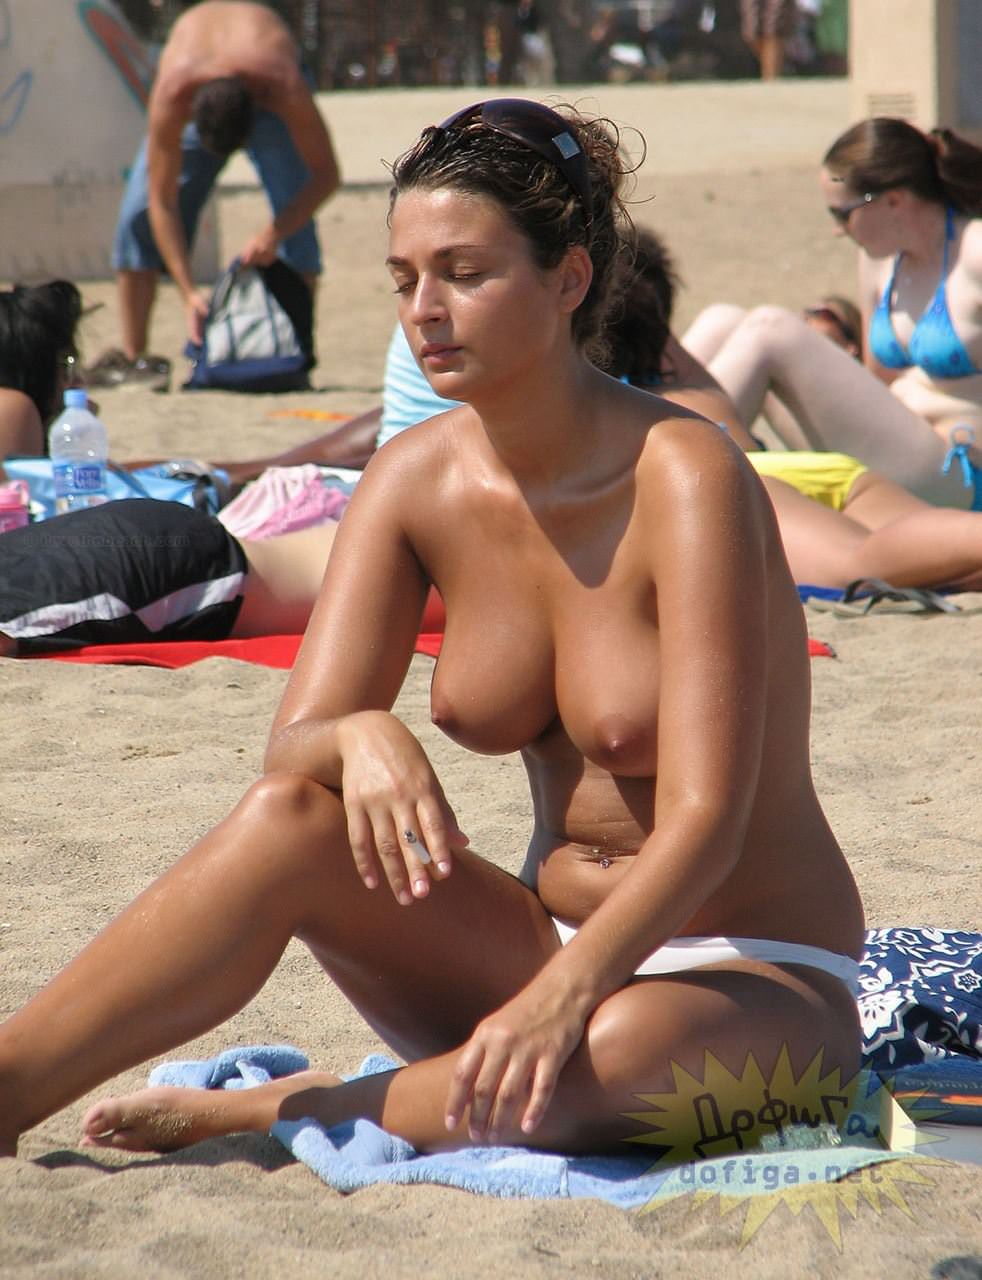 【外人】美女が多すぎる素人ロシア人ヌーディストビーチのポルノ画像 2841